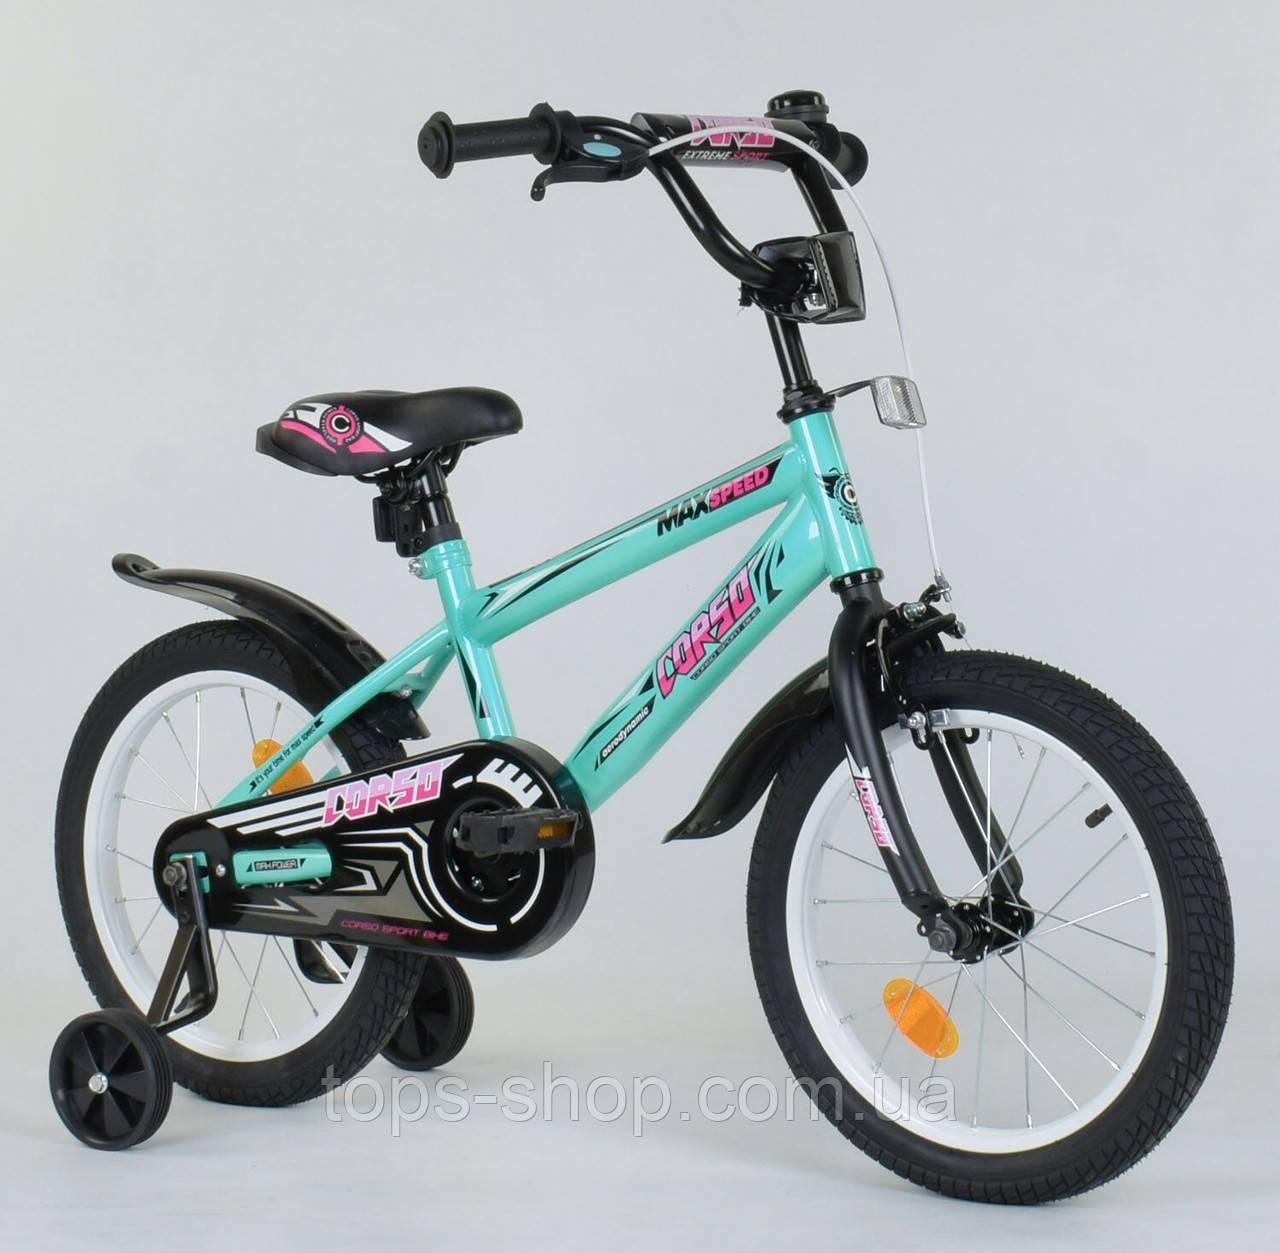 Двоколісний дитячий велосипед 16 дюймів Corso ЕХ-16 N 5171 Бірюзовий, 4-6 років, бокові колеса, ручного гальма